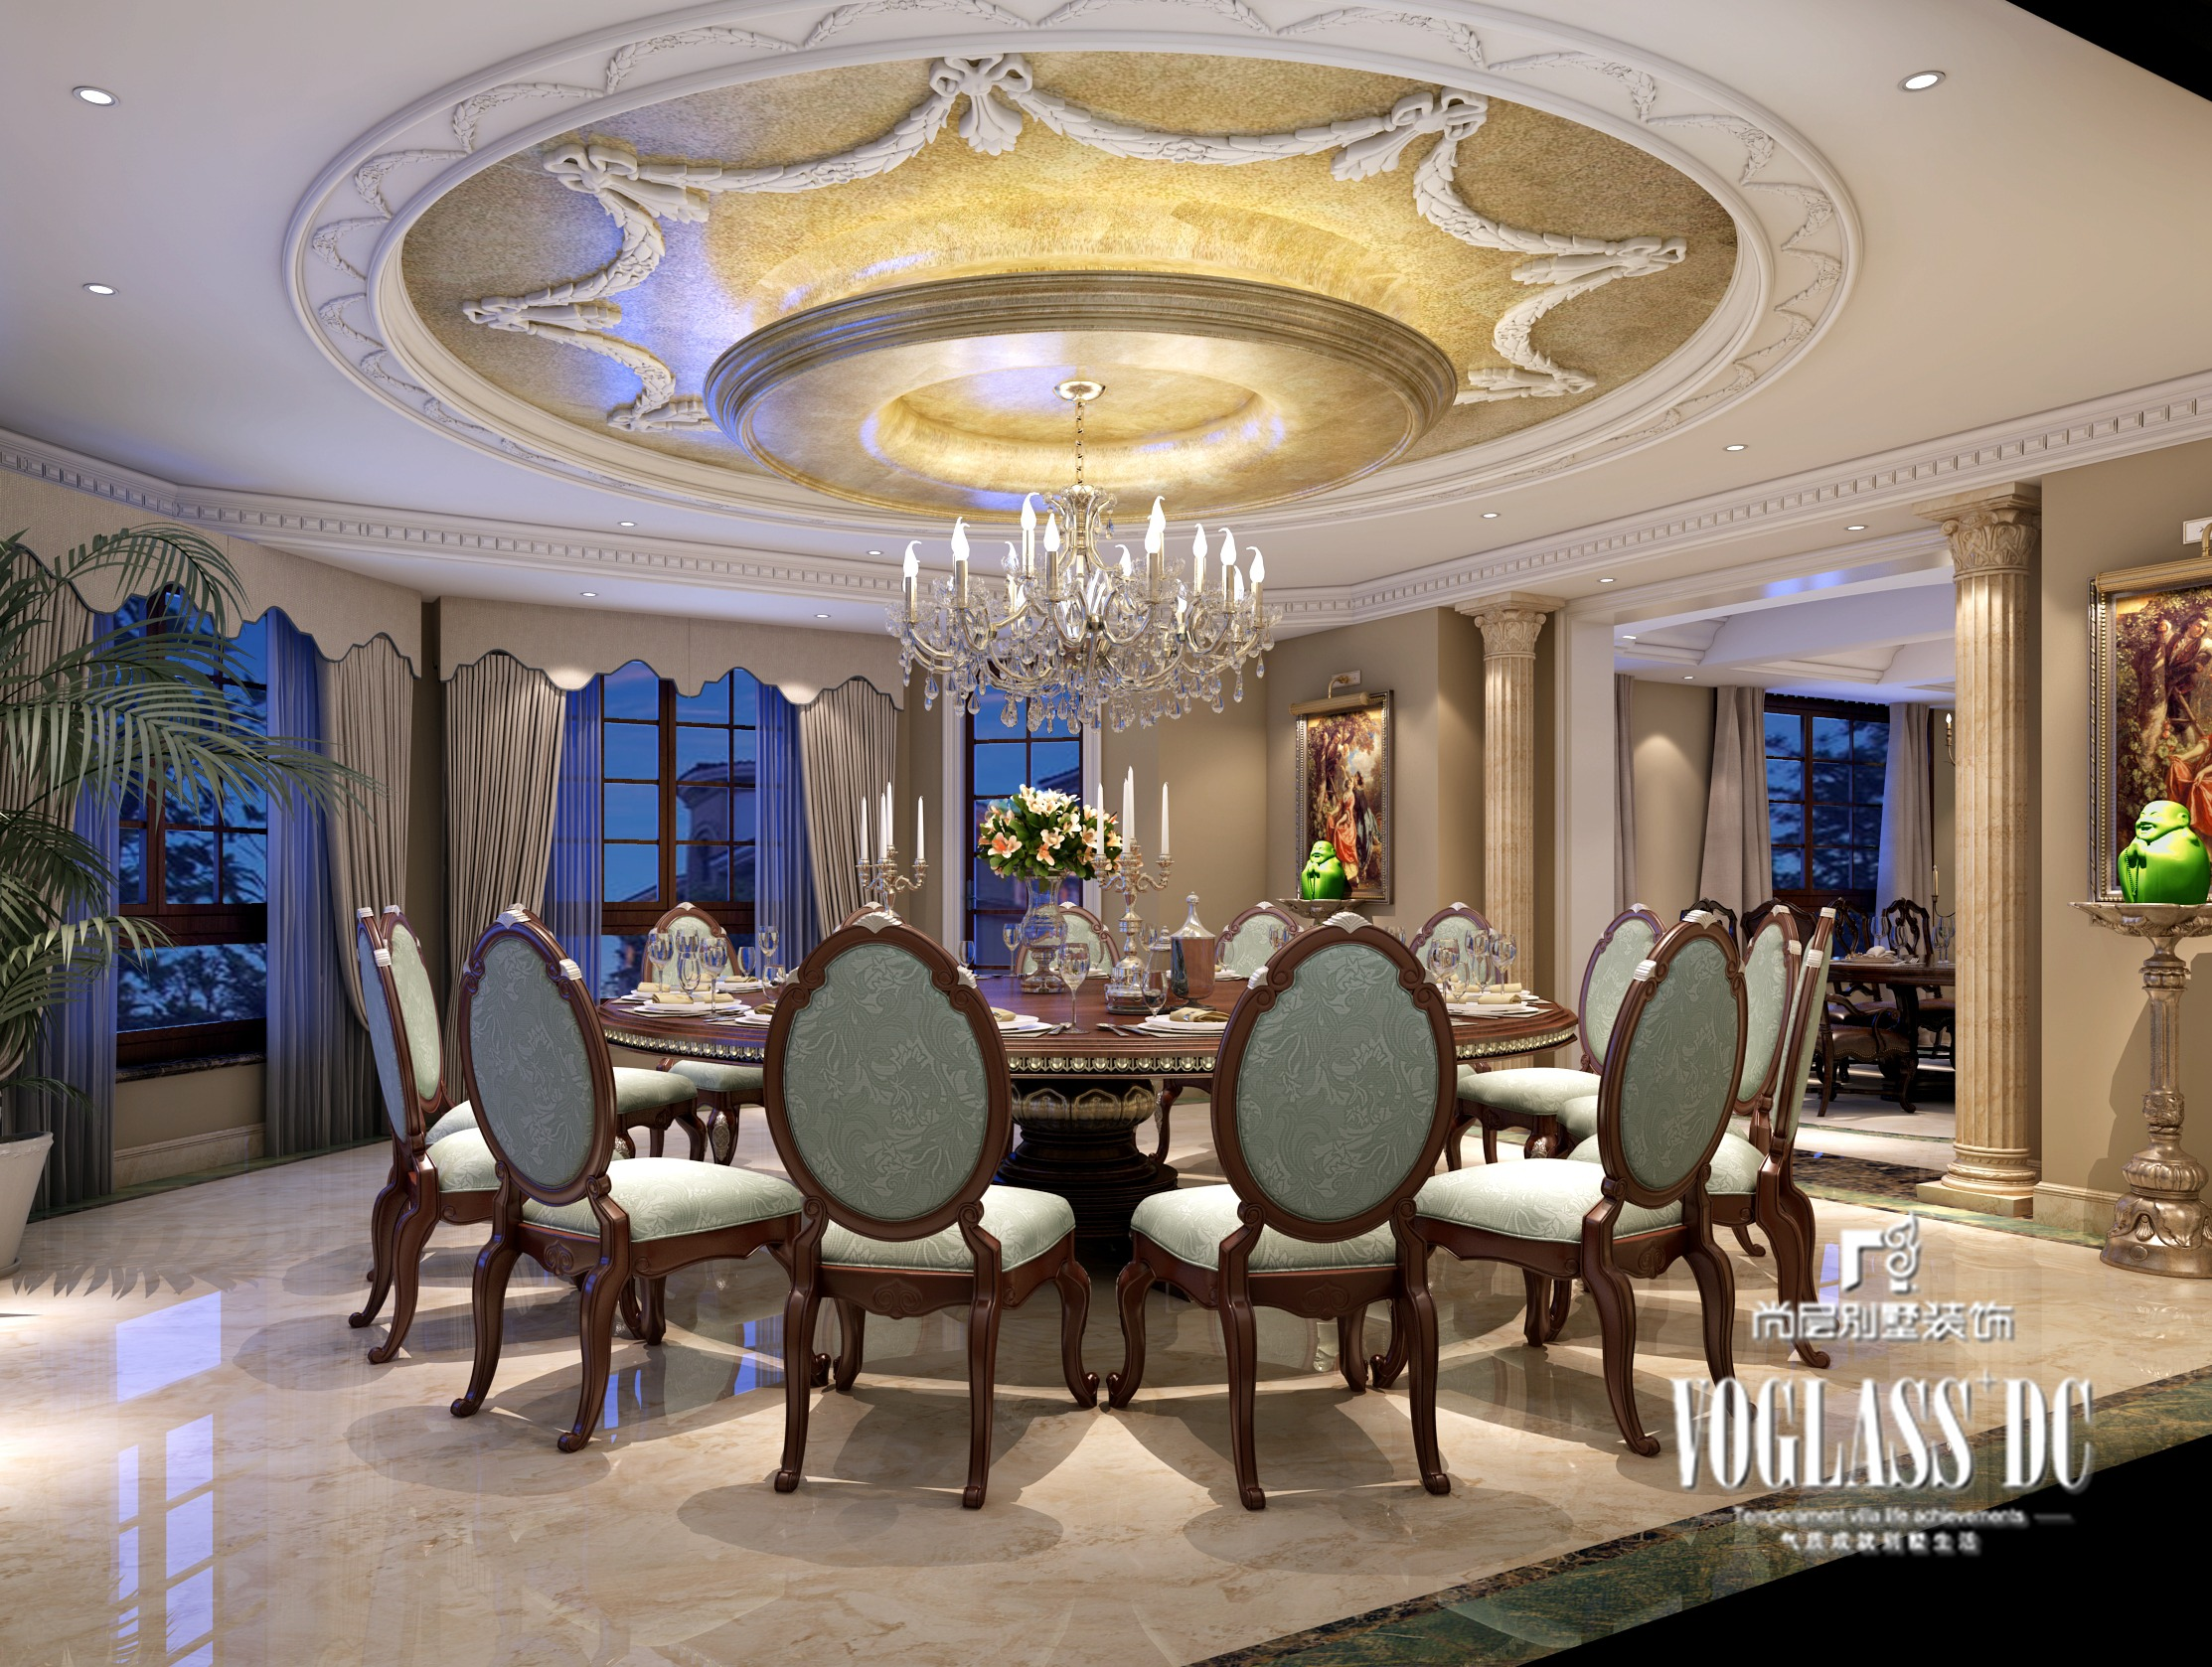 上海尚层别墅装饰——欧式风格的别墅装修案例